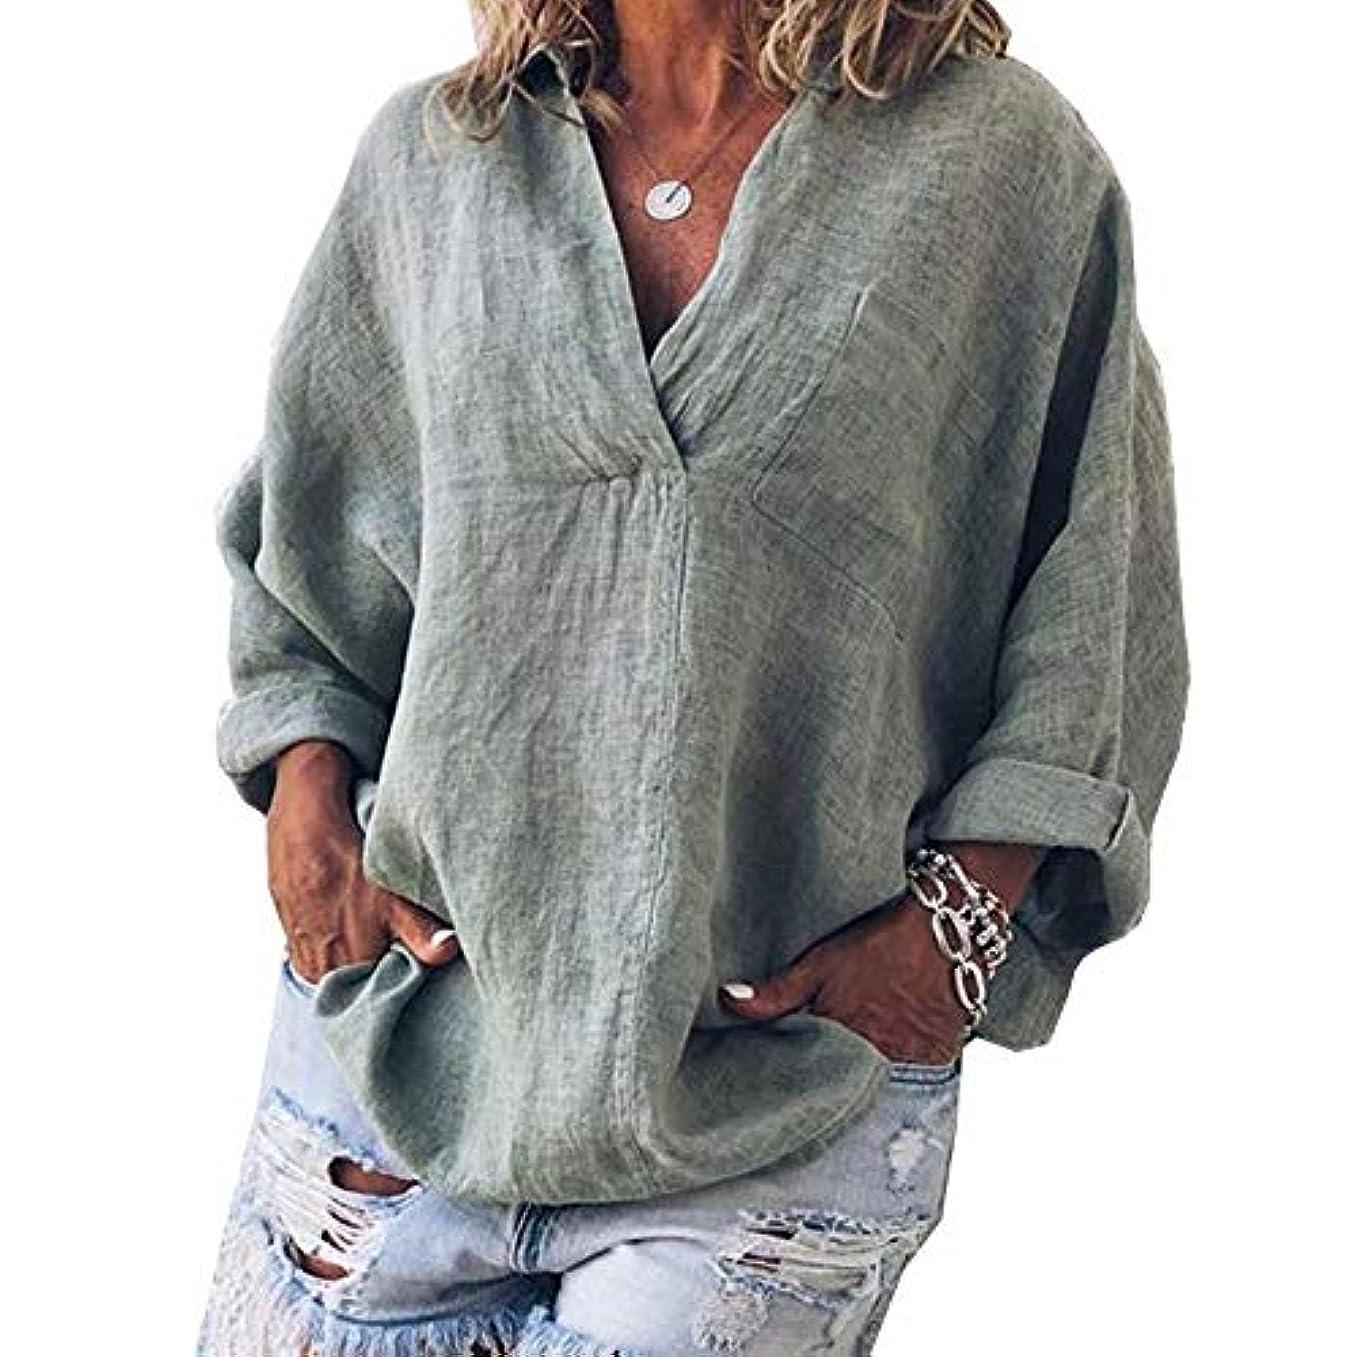 ドキュメンタリー保育園限定MIFAN女性ファッション春夏チュニックトップス深いVネックTシャツ長袖プルオーバールーズリネンブラウス